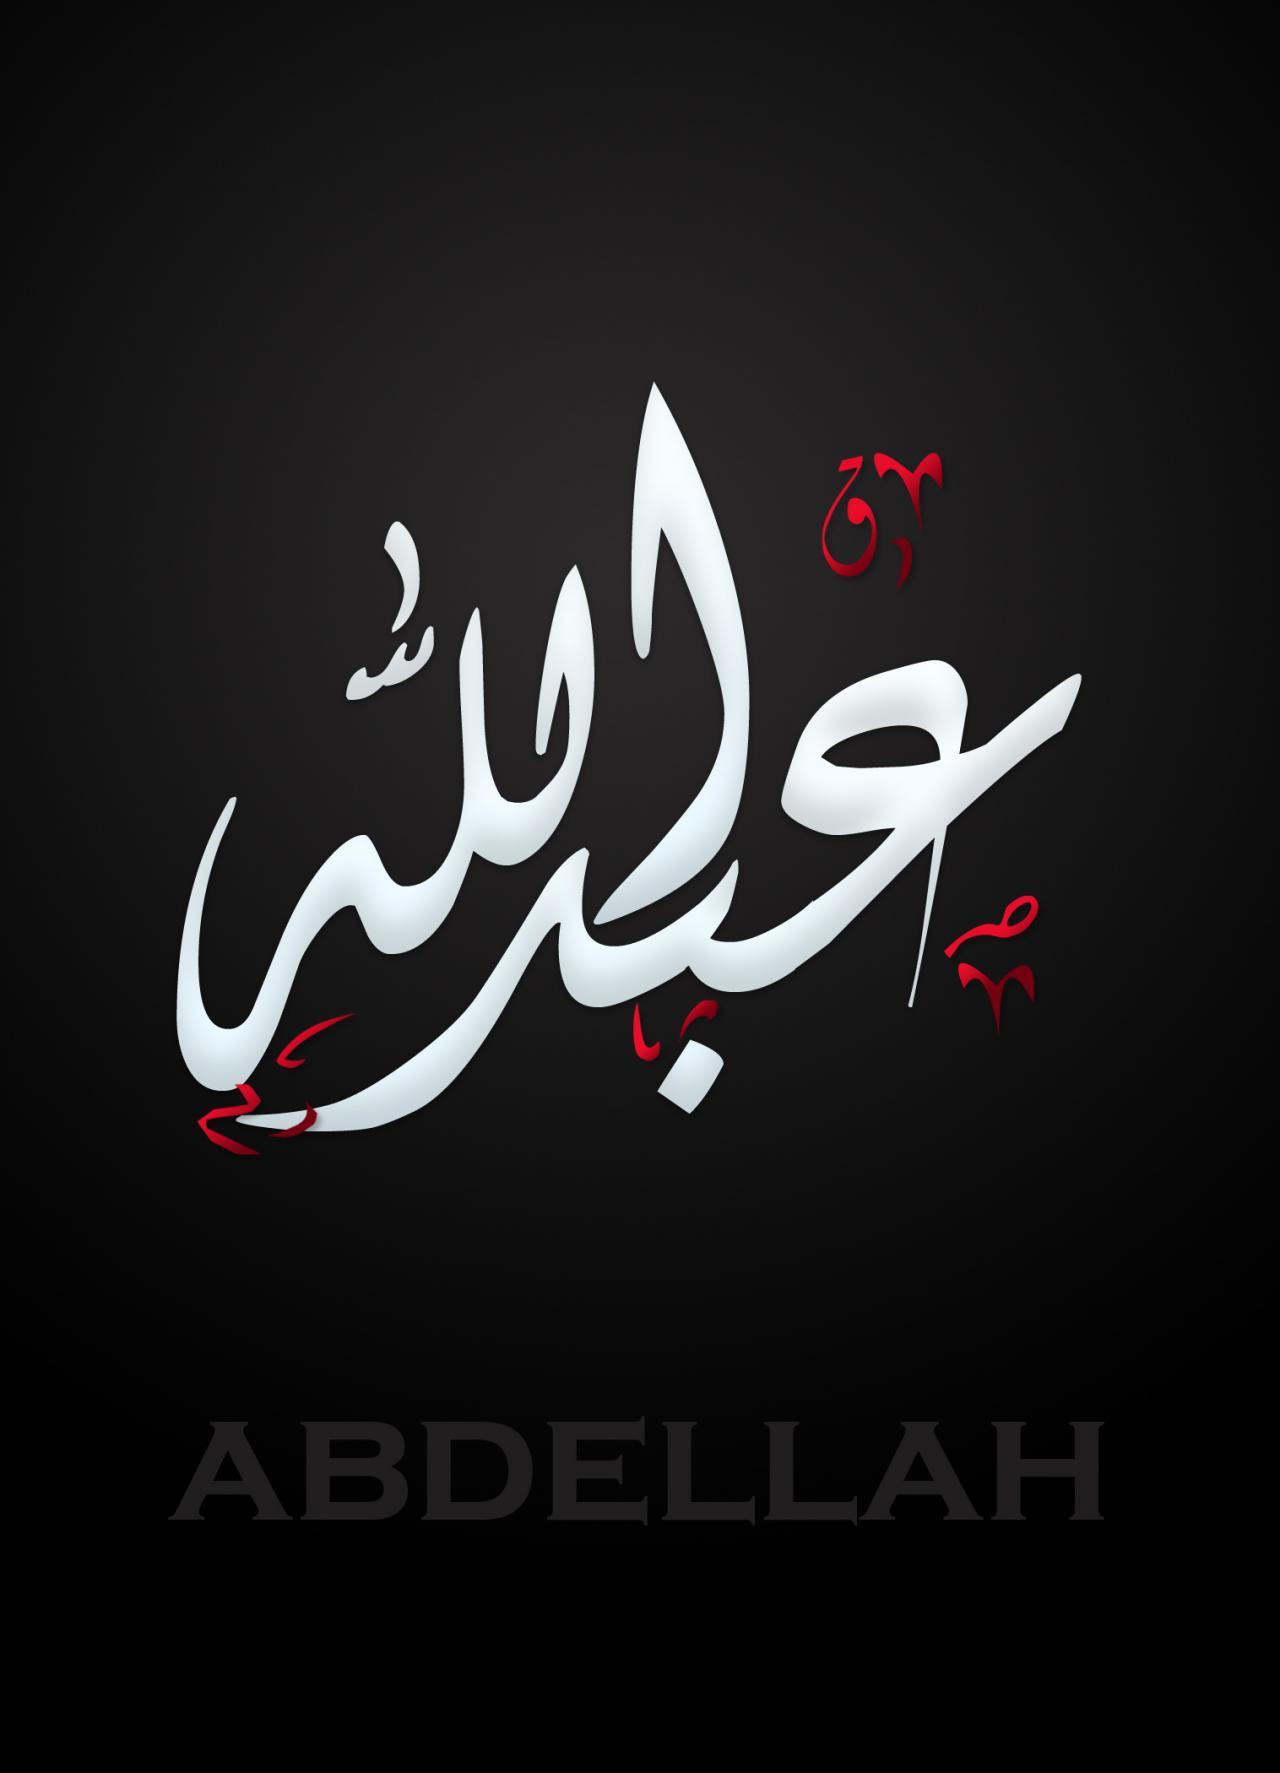 صورة صور اسم عبدالله , خلفيات اسم عبد الله روعه